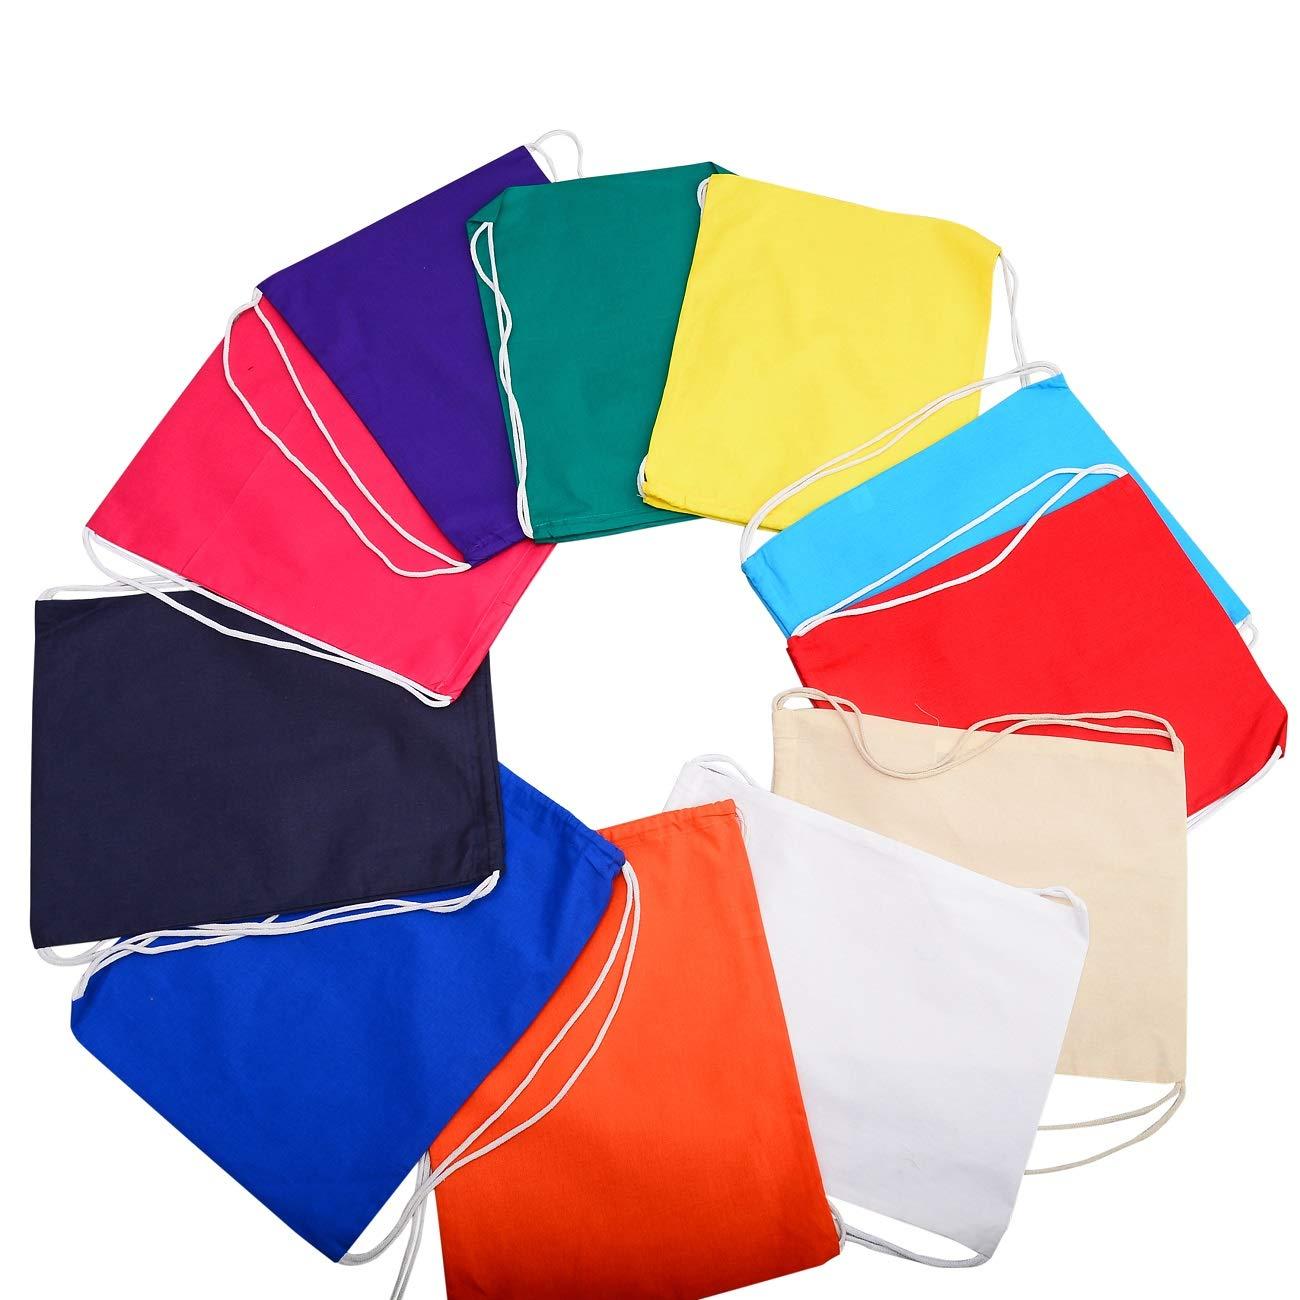 TBF Cotton Drawstring Backpack String Gym Sack Bag Canvas Cinch Sack Sport Cinch Pack Backpack Rucksack for Men, Women, Kid, School, Travel (Assorted Colors, Set of 12)